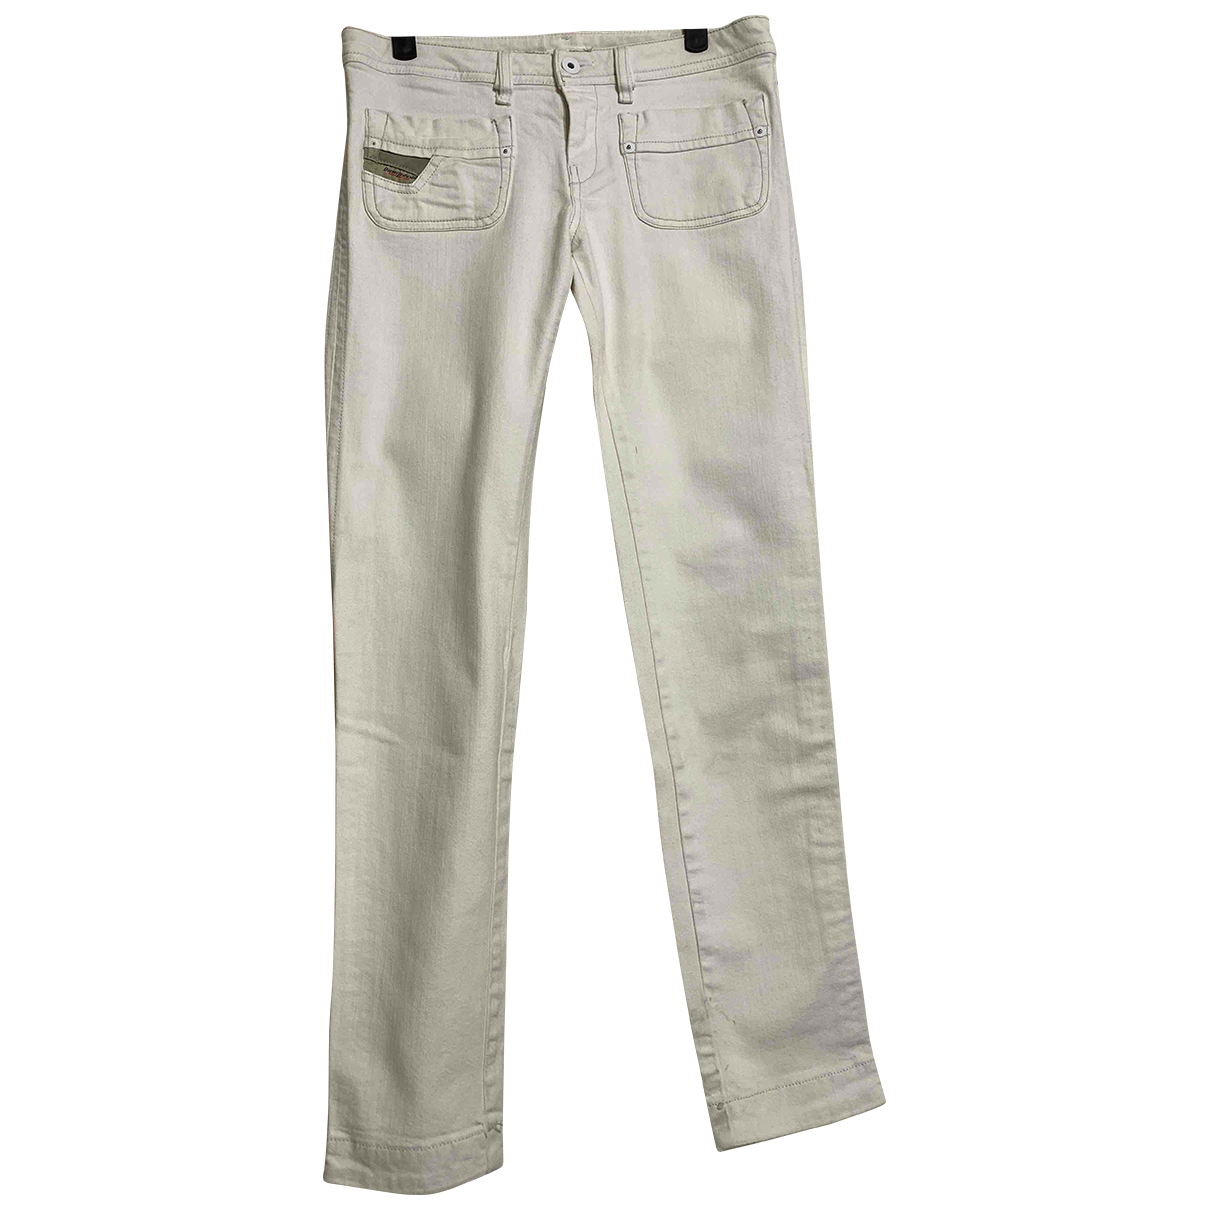 Diesel N White Denim - Jeans Jeans for Women 34 FR